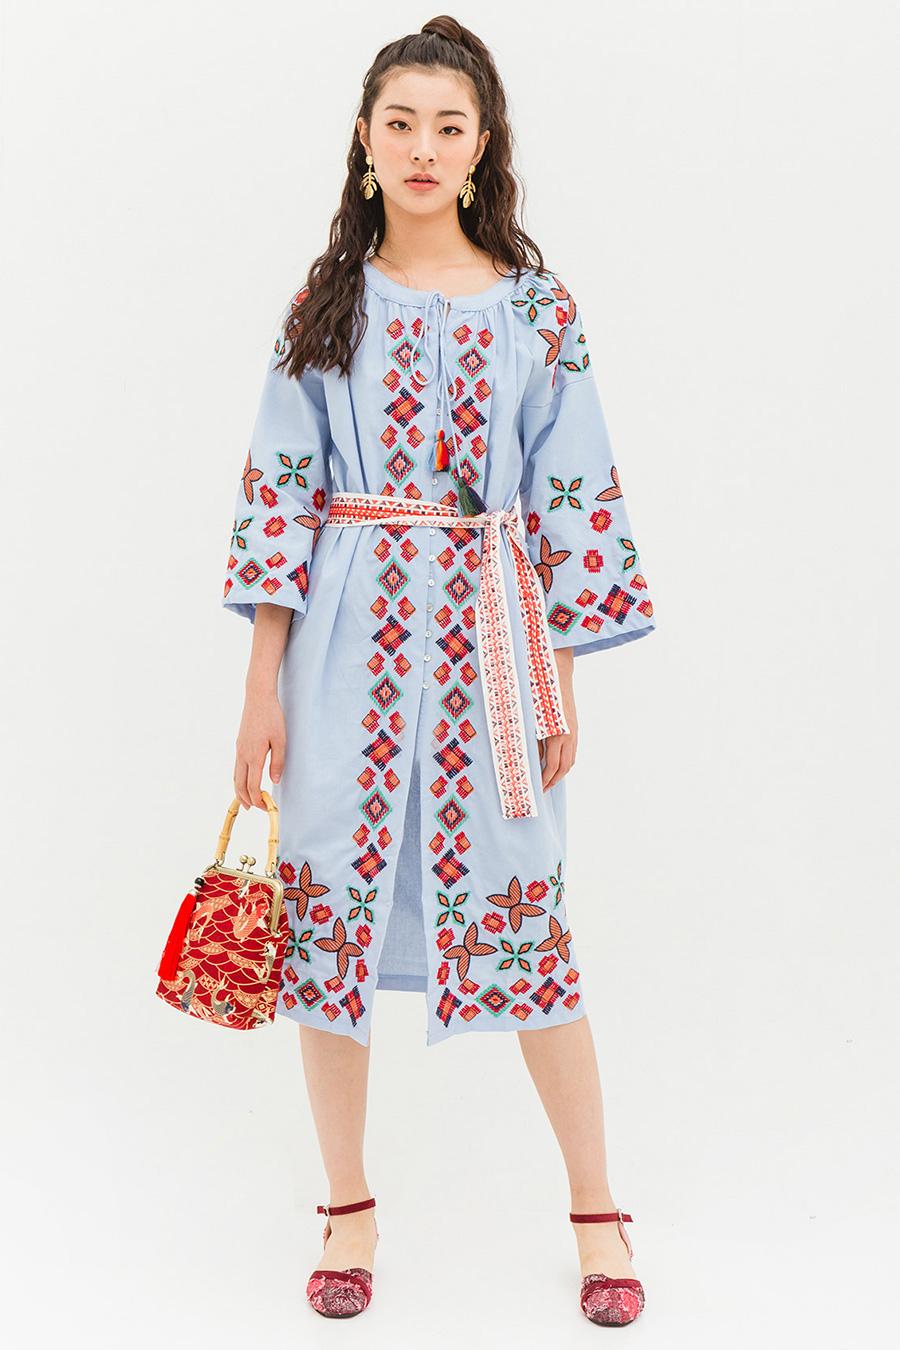 PENELOPE DRESS - SUZANI